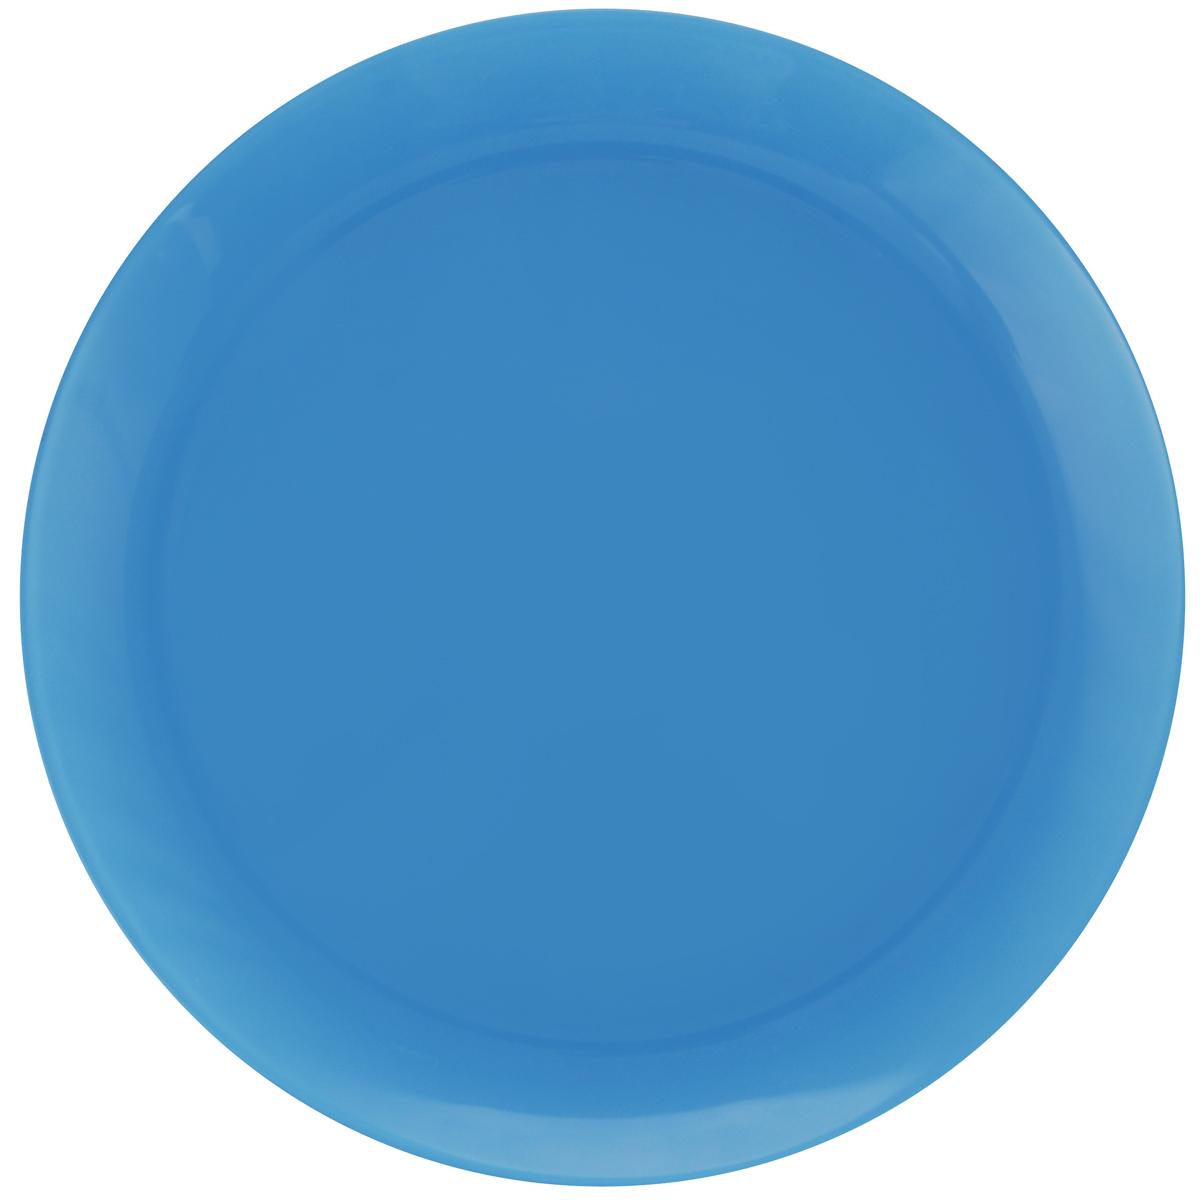 Тарелка обеденная Luminarc Arty Azur, диаметр 26 см115510Обеденная тарелка Luminarc Arty Azur, изготовленная из высококачественного стекла, имеет изысканный внешний вид. Яркий дизайн придется по вкусу и ценителям классики, и тем, кто предпочитает утонченность. Тарелка Luminarc Arty Azur идеально подойдет для сервировки стола и станет отличным подарком к любому празднику.Можно использовать в микроволновой печи и холодильнике, а также мыть в посудомоечной машине.Диаметр тарелки по верхнему краю: 26 см.